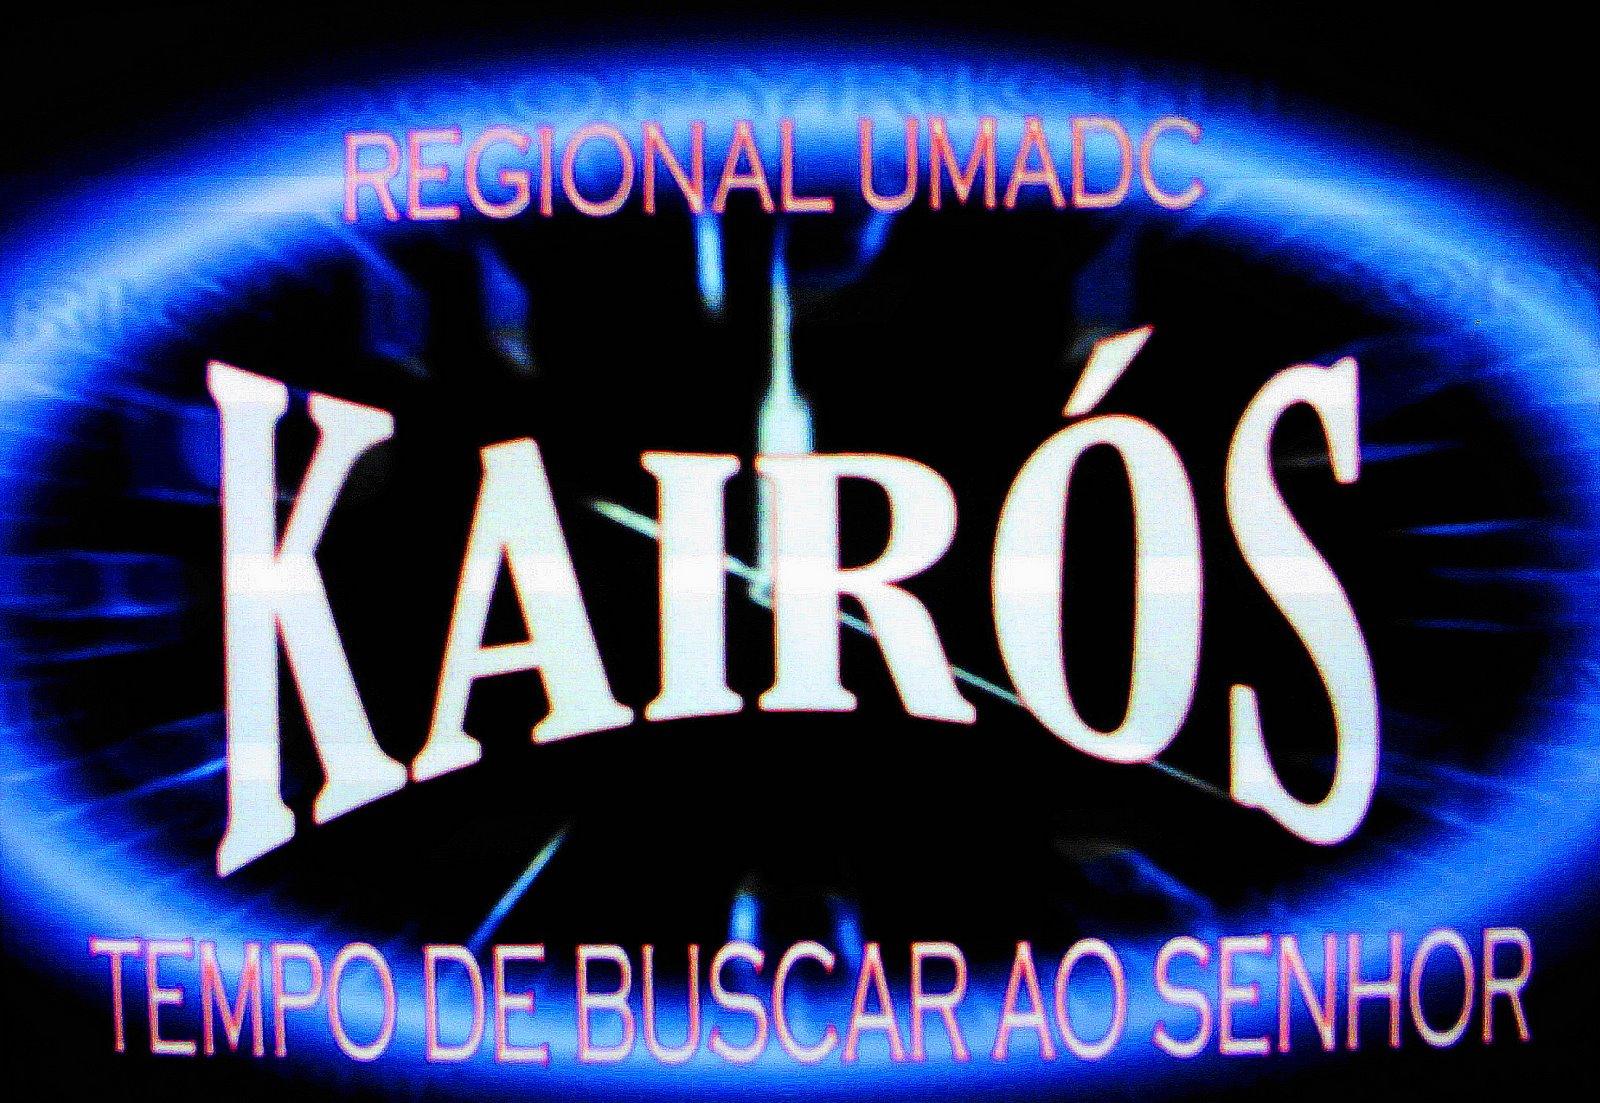 REGIONAL UMADC KAIRÓS